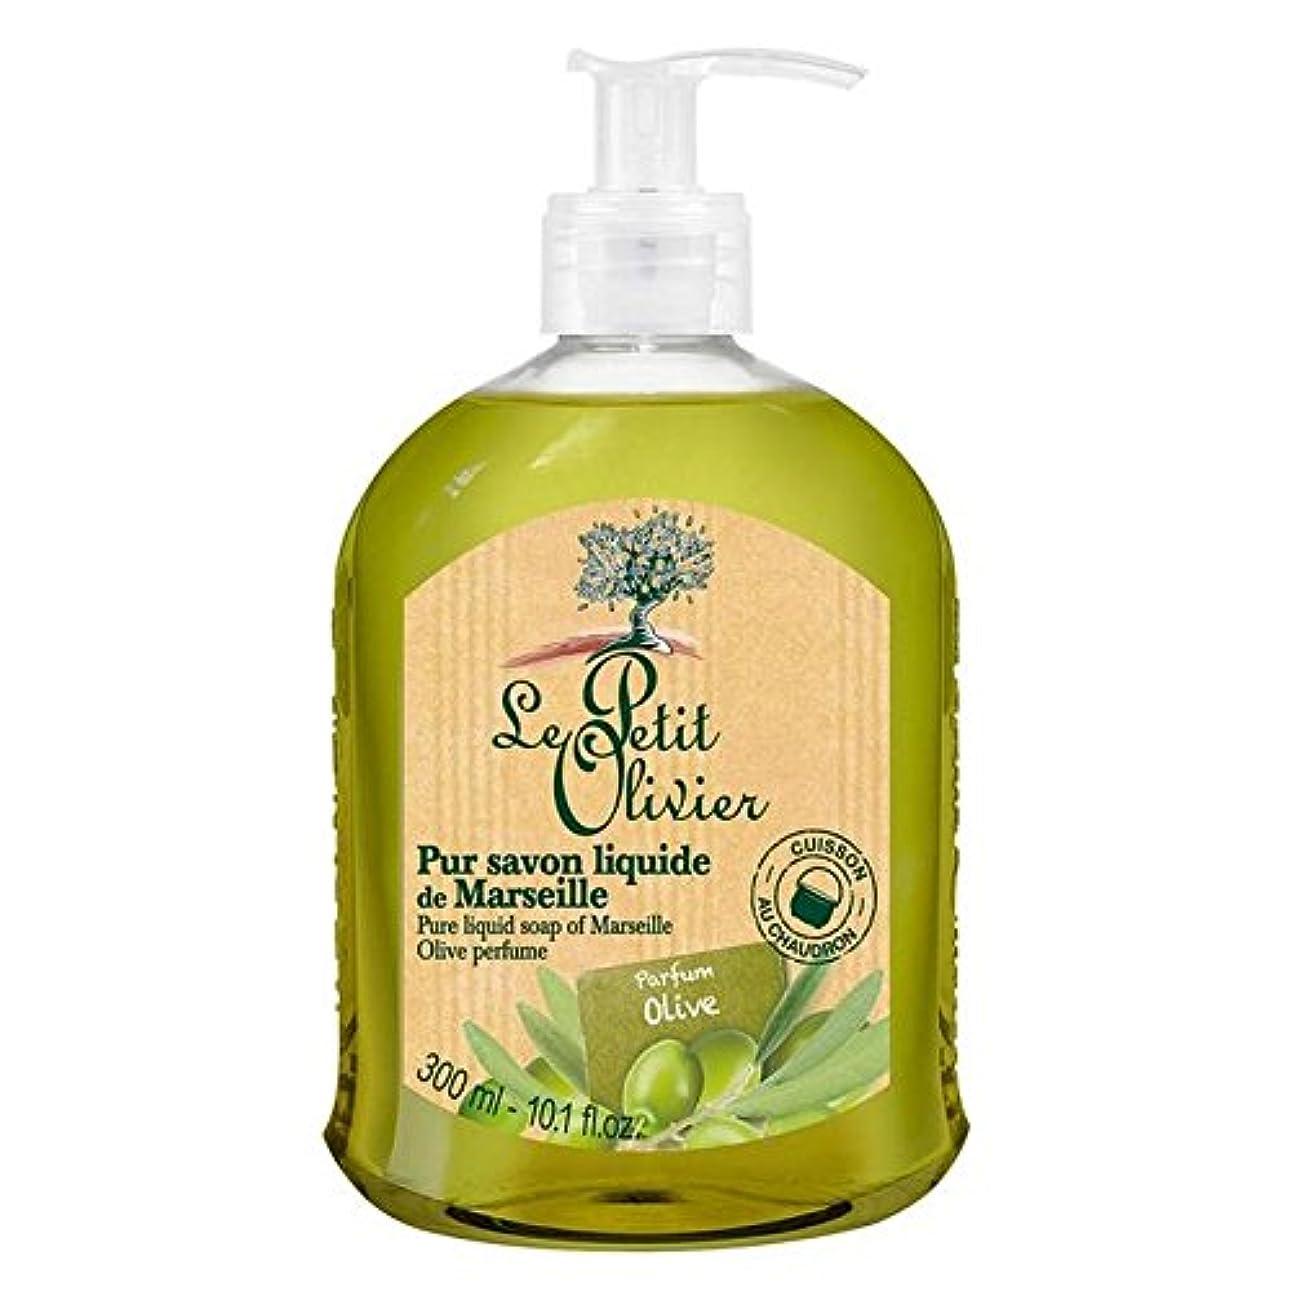 暗殺する十分ではない更新するLe Petit Olivier Pure Liquid Soap of Marseille, Olive Oil 300ml - マルセイユのル?プティ?オリヴィエ純粋な液体石鹸、オリーブオイル300ミリリットル [並行輸入品]